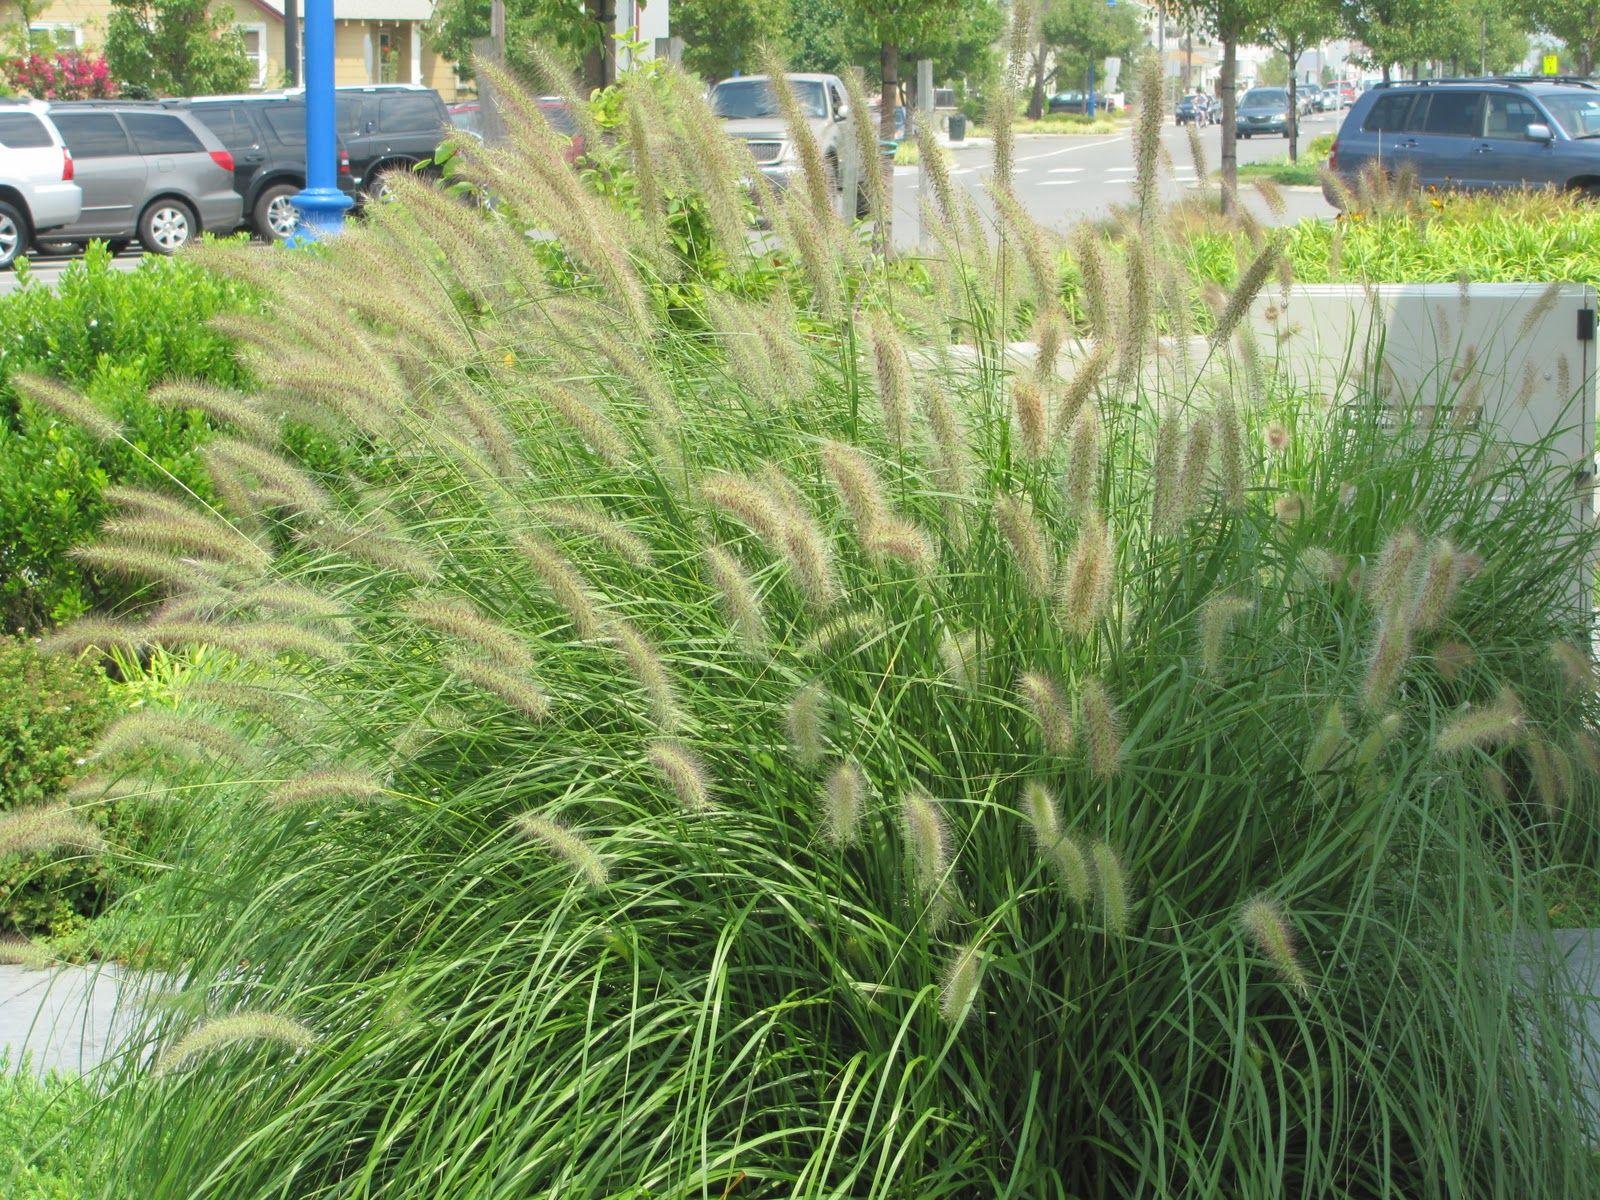 Tall Grass Landscaping Desert Jpg 1600 1200 Tall Grass Landscaping Desert Landscaping Grasses Landscaping